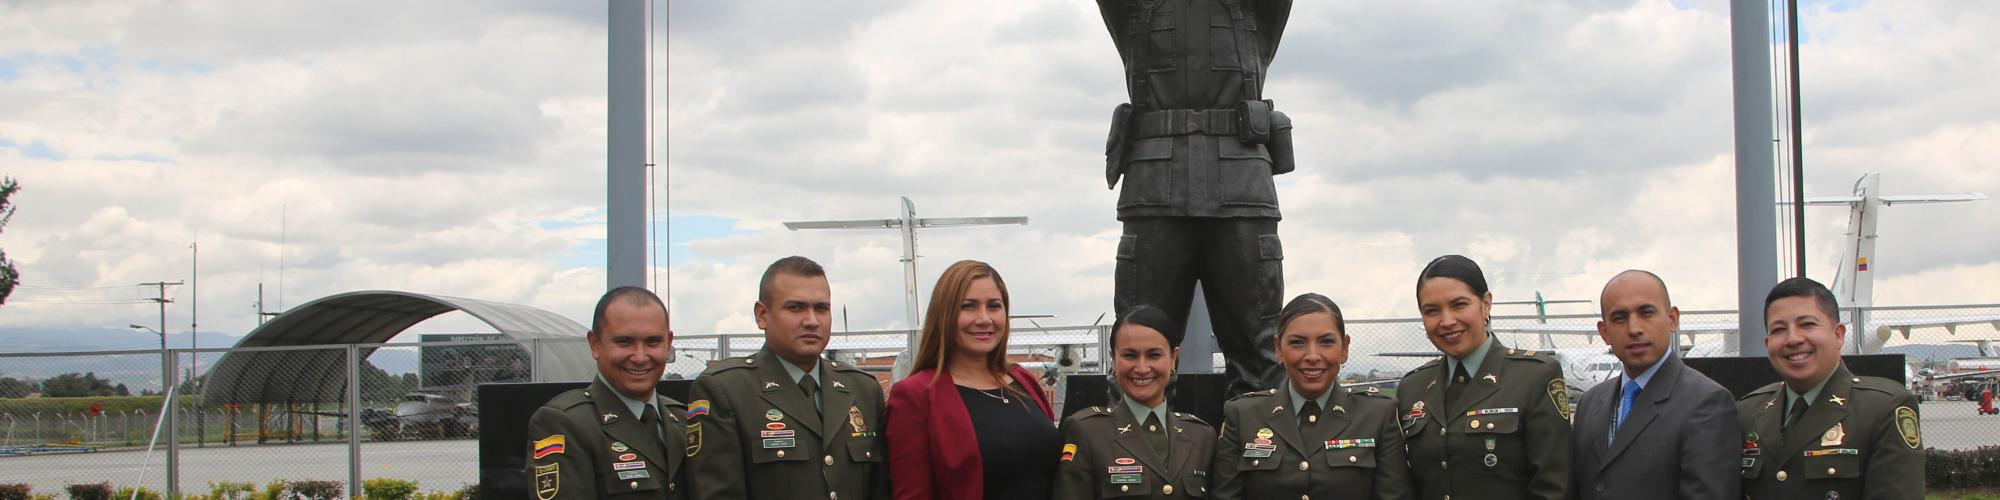 Centro-Internacional-de-Estudios-Estratégicos-Contra-el-Narcotráfico - CIENA